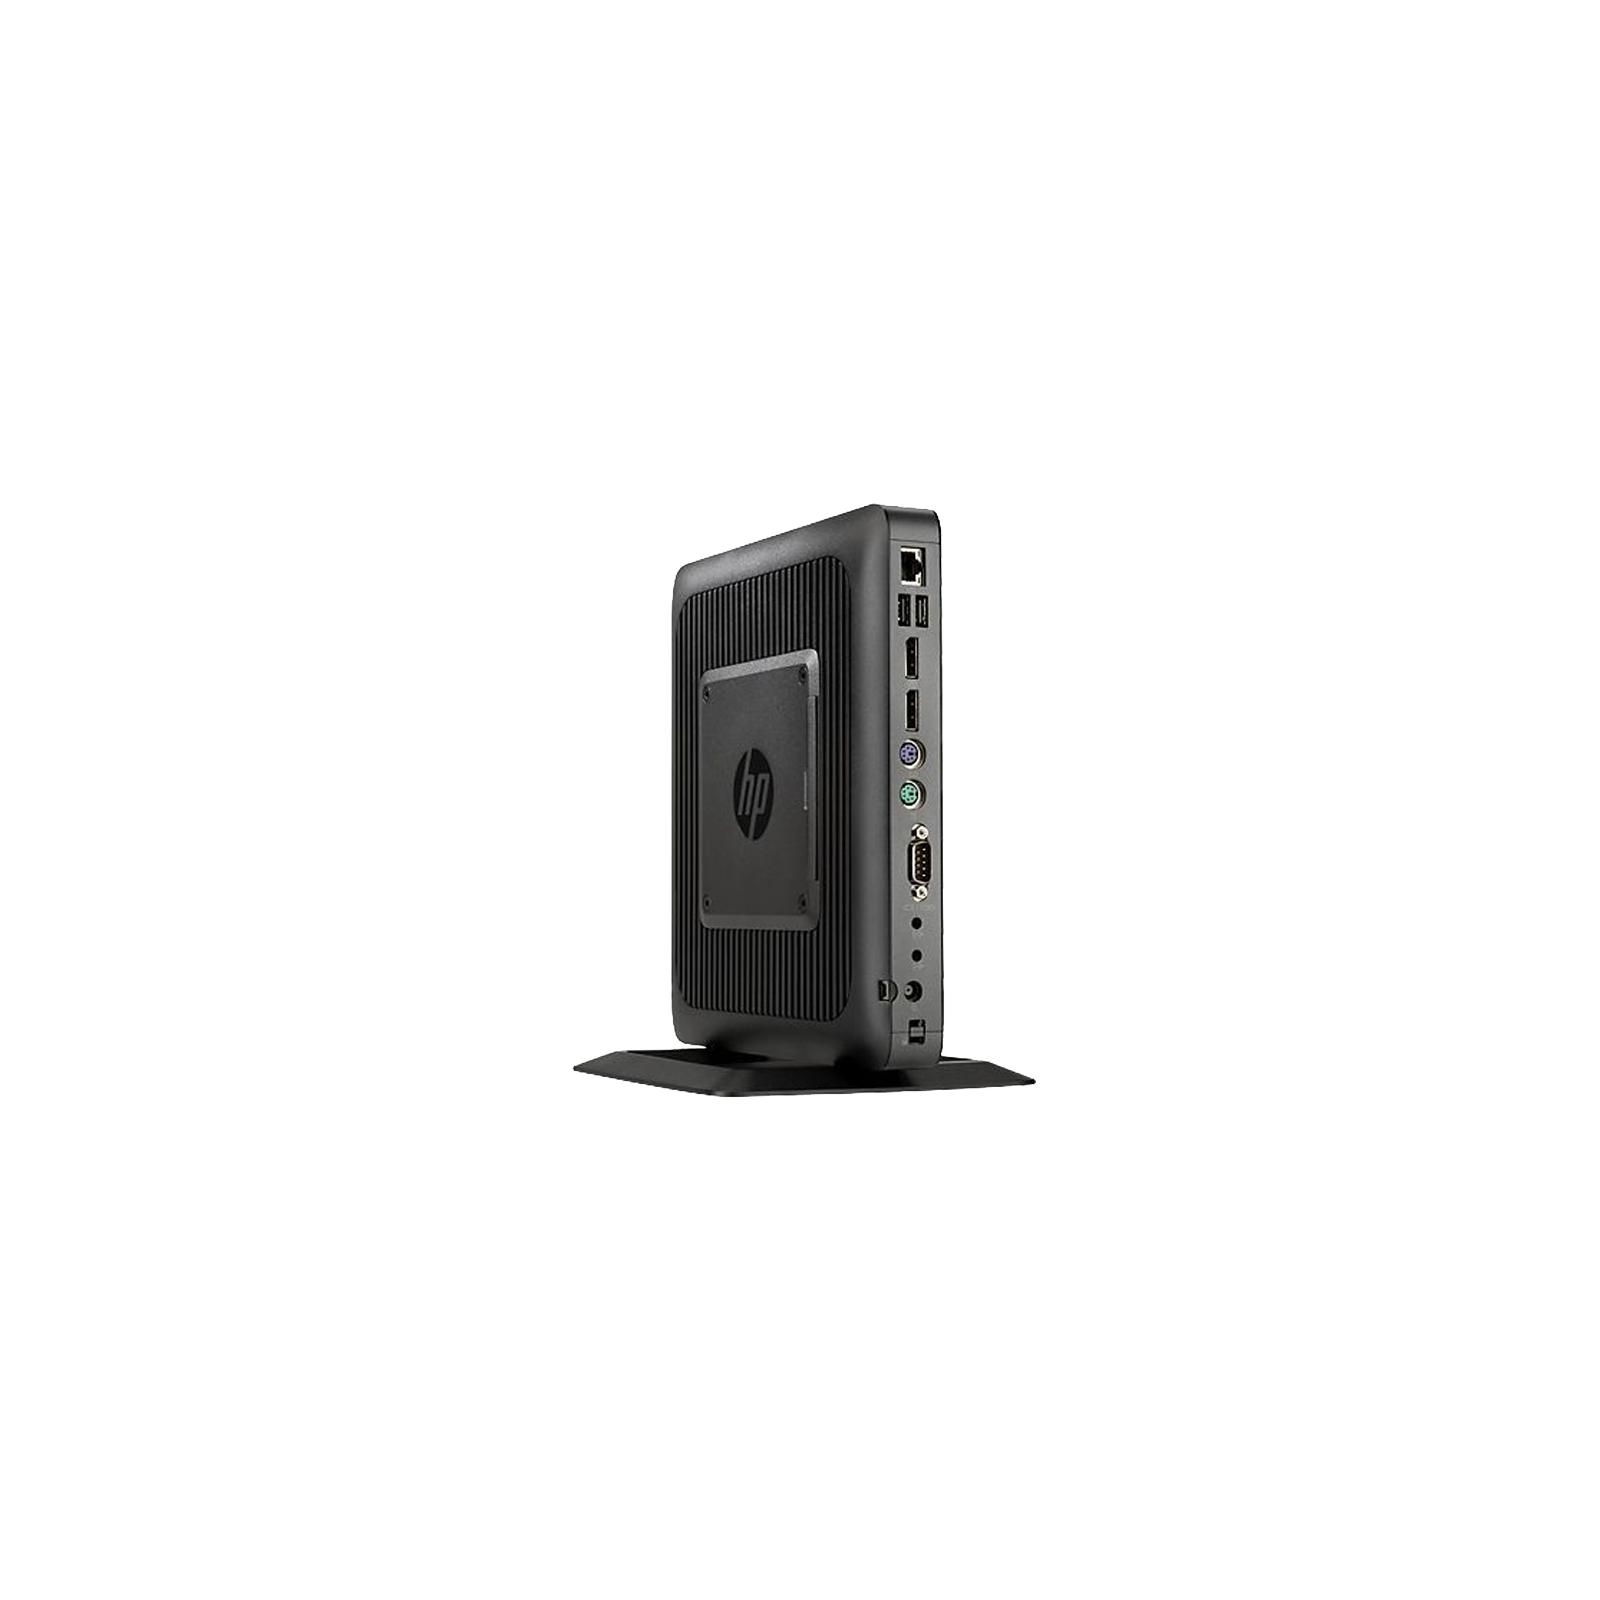 Компьютер HP t620 (F5A58AA) изображение 3